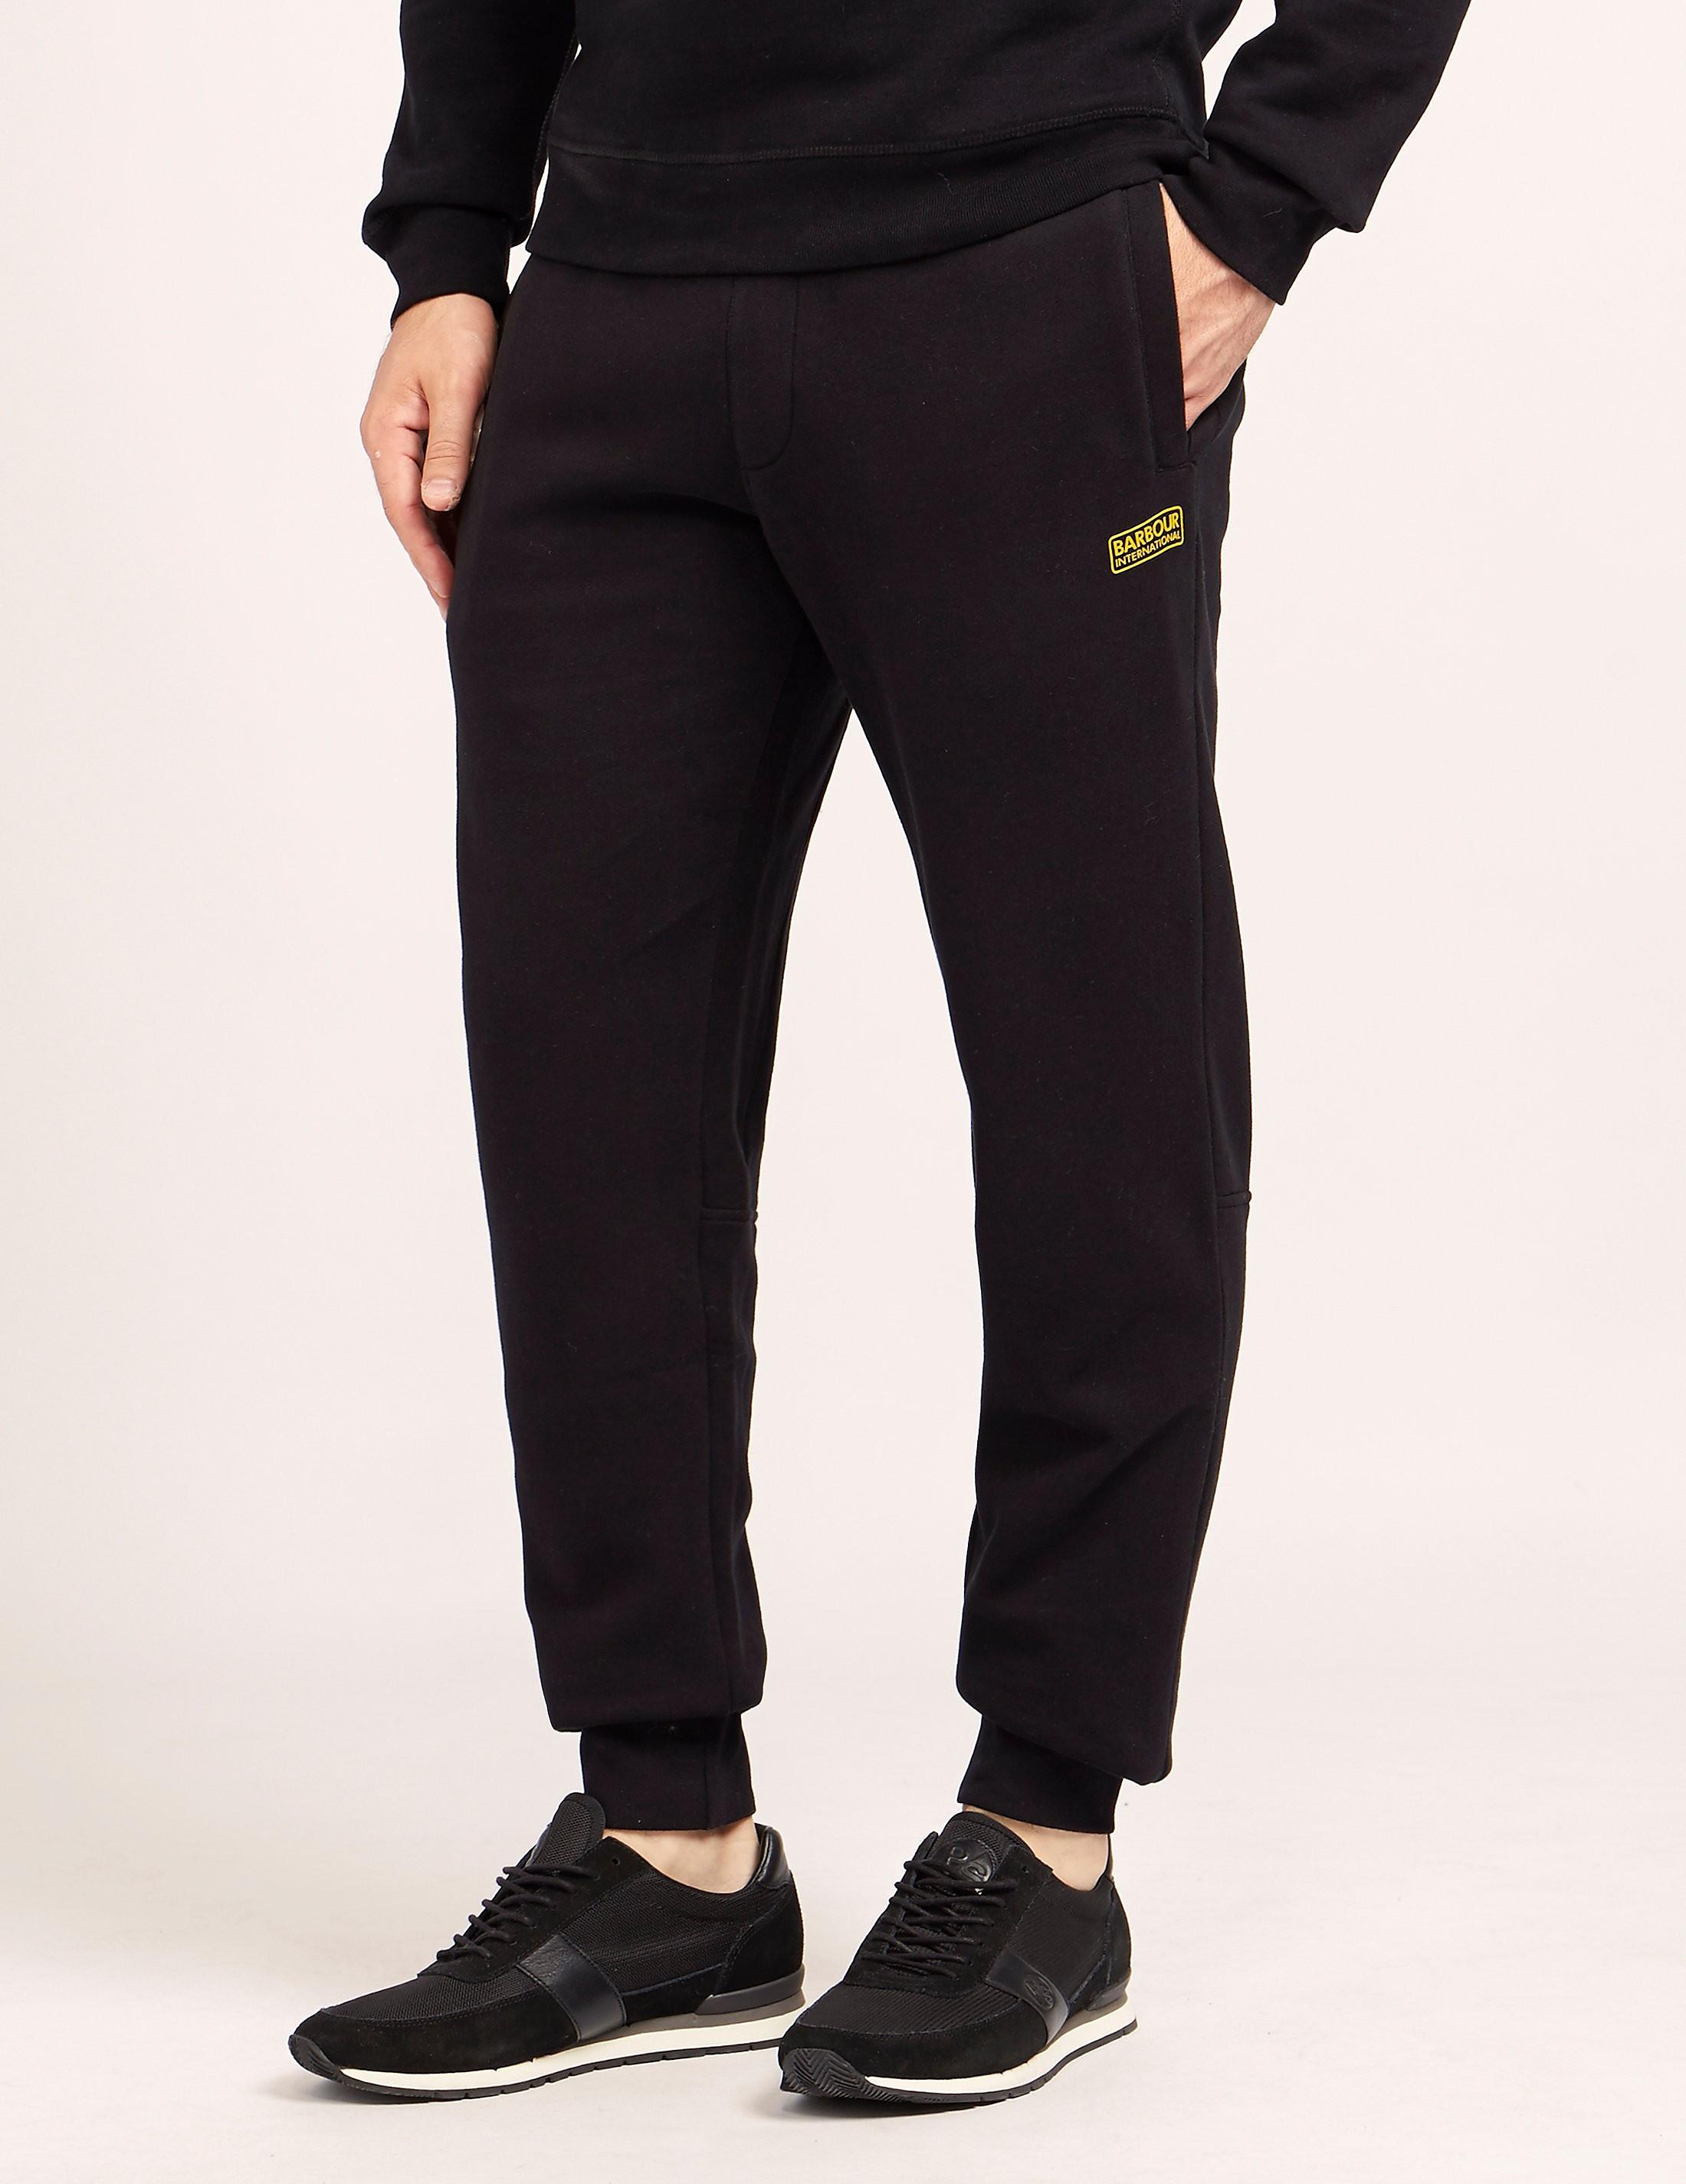 Barbour International Fleece Track Pants - Exclusive